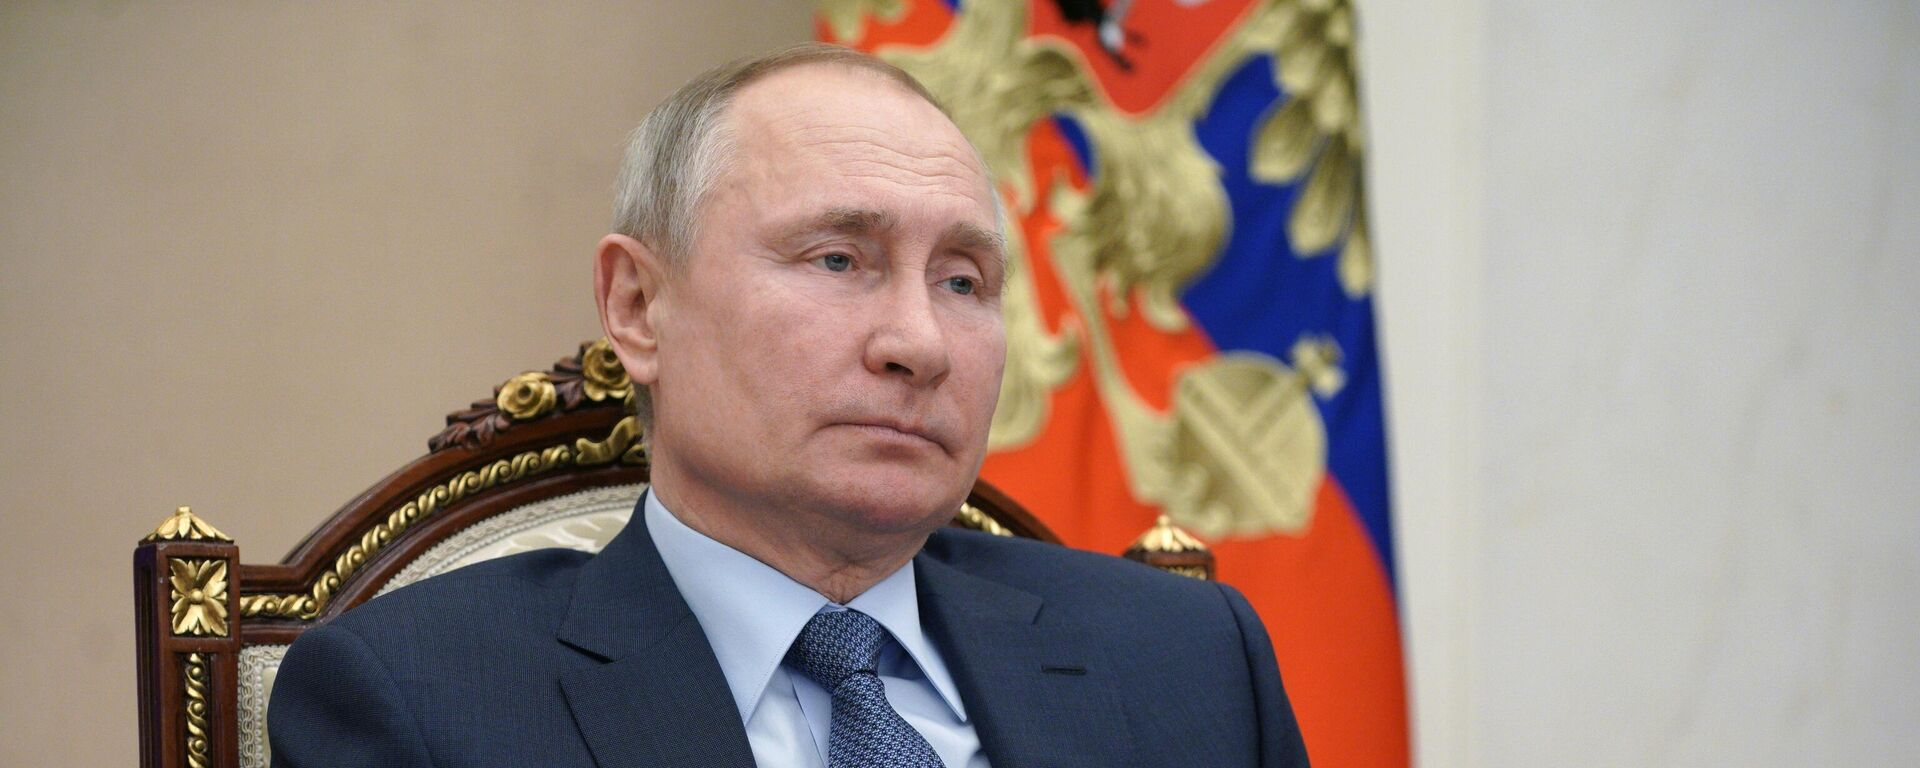 Vladímir Putin, presidente ruso - Sputnik Mundo, 1920, 10.03.2021